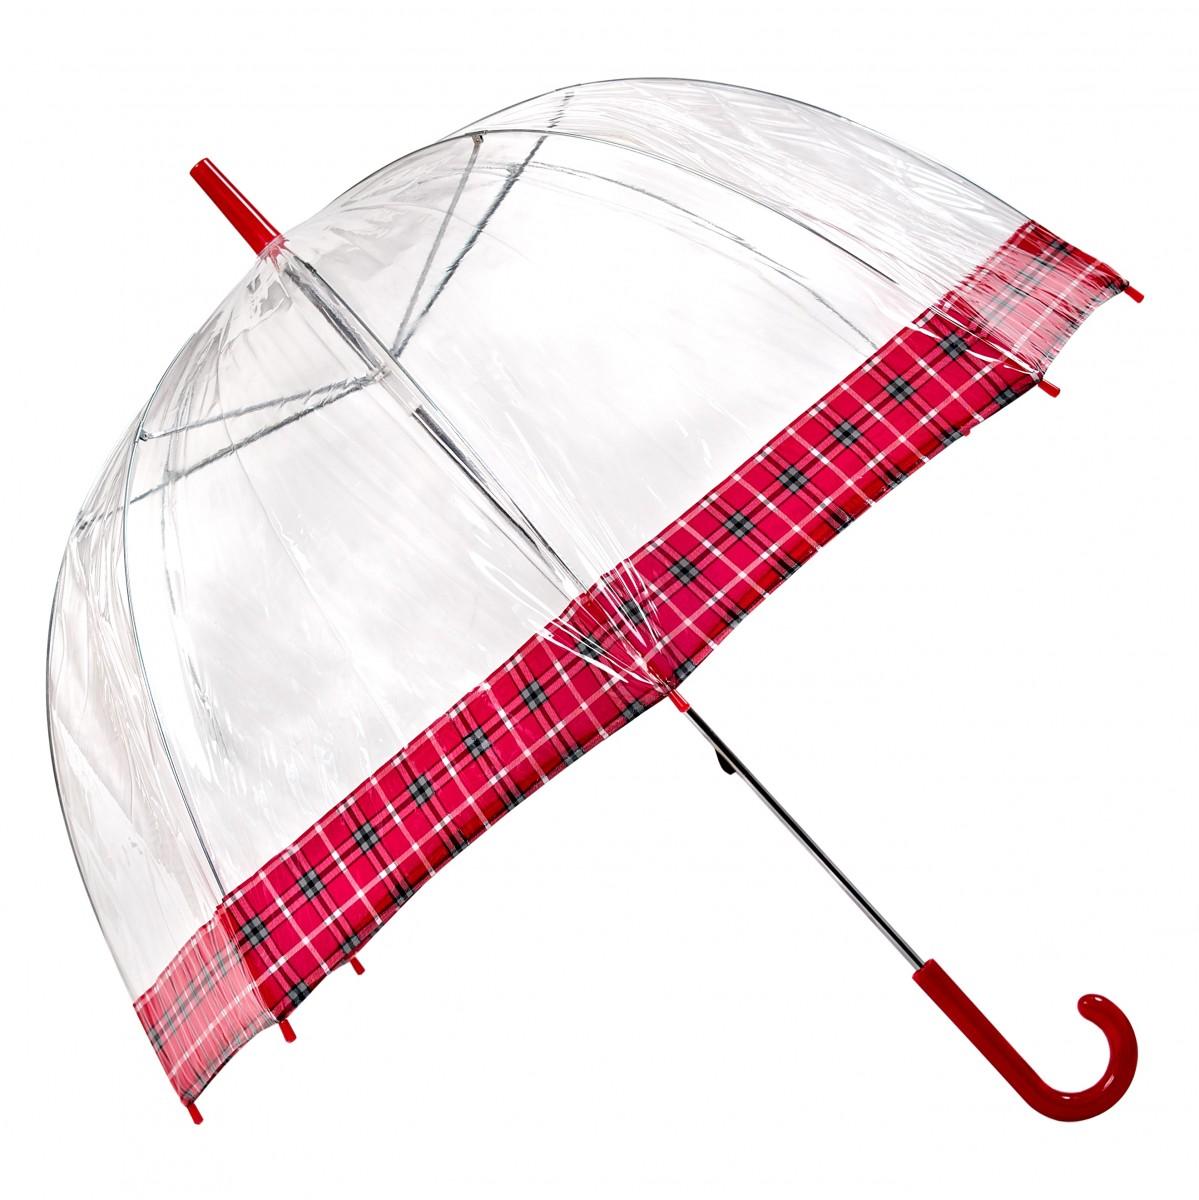 Regenschirm Transparent Durchsichtig Glockenschirm Schottenkaro Lindy Lou